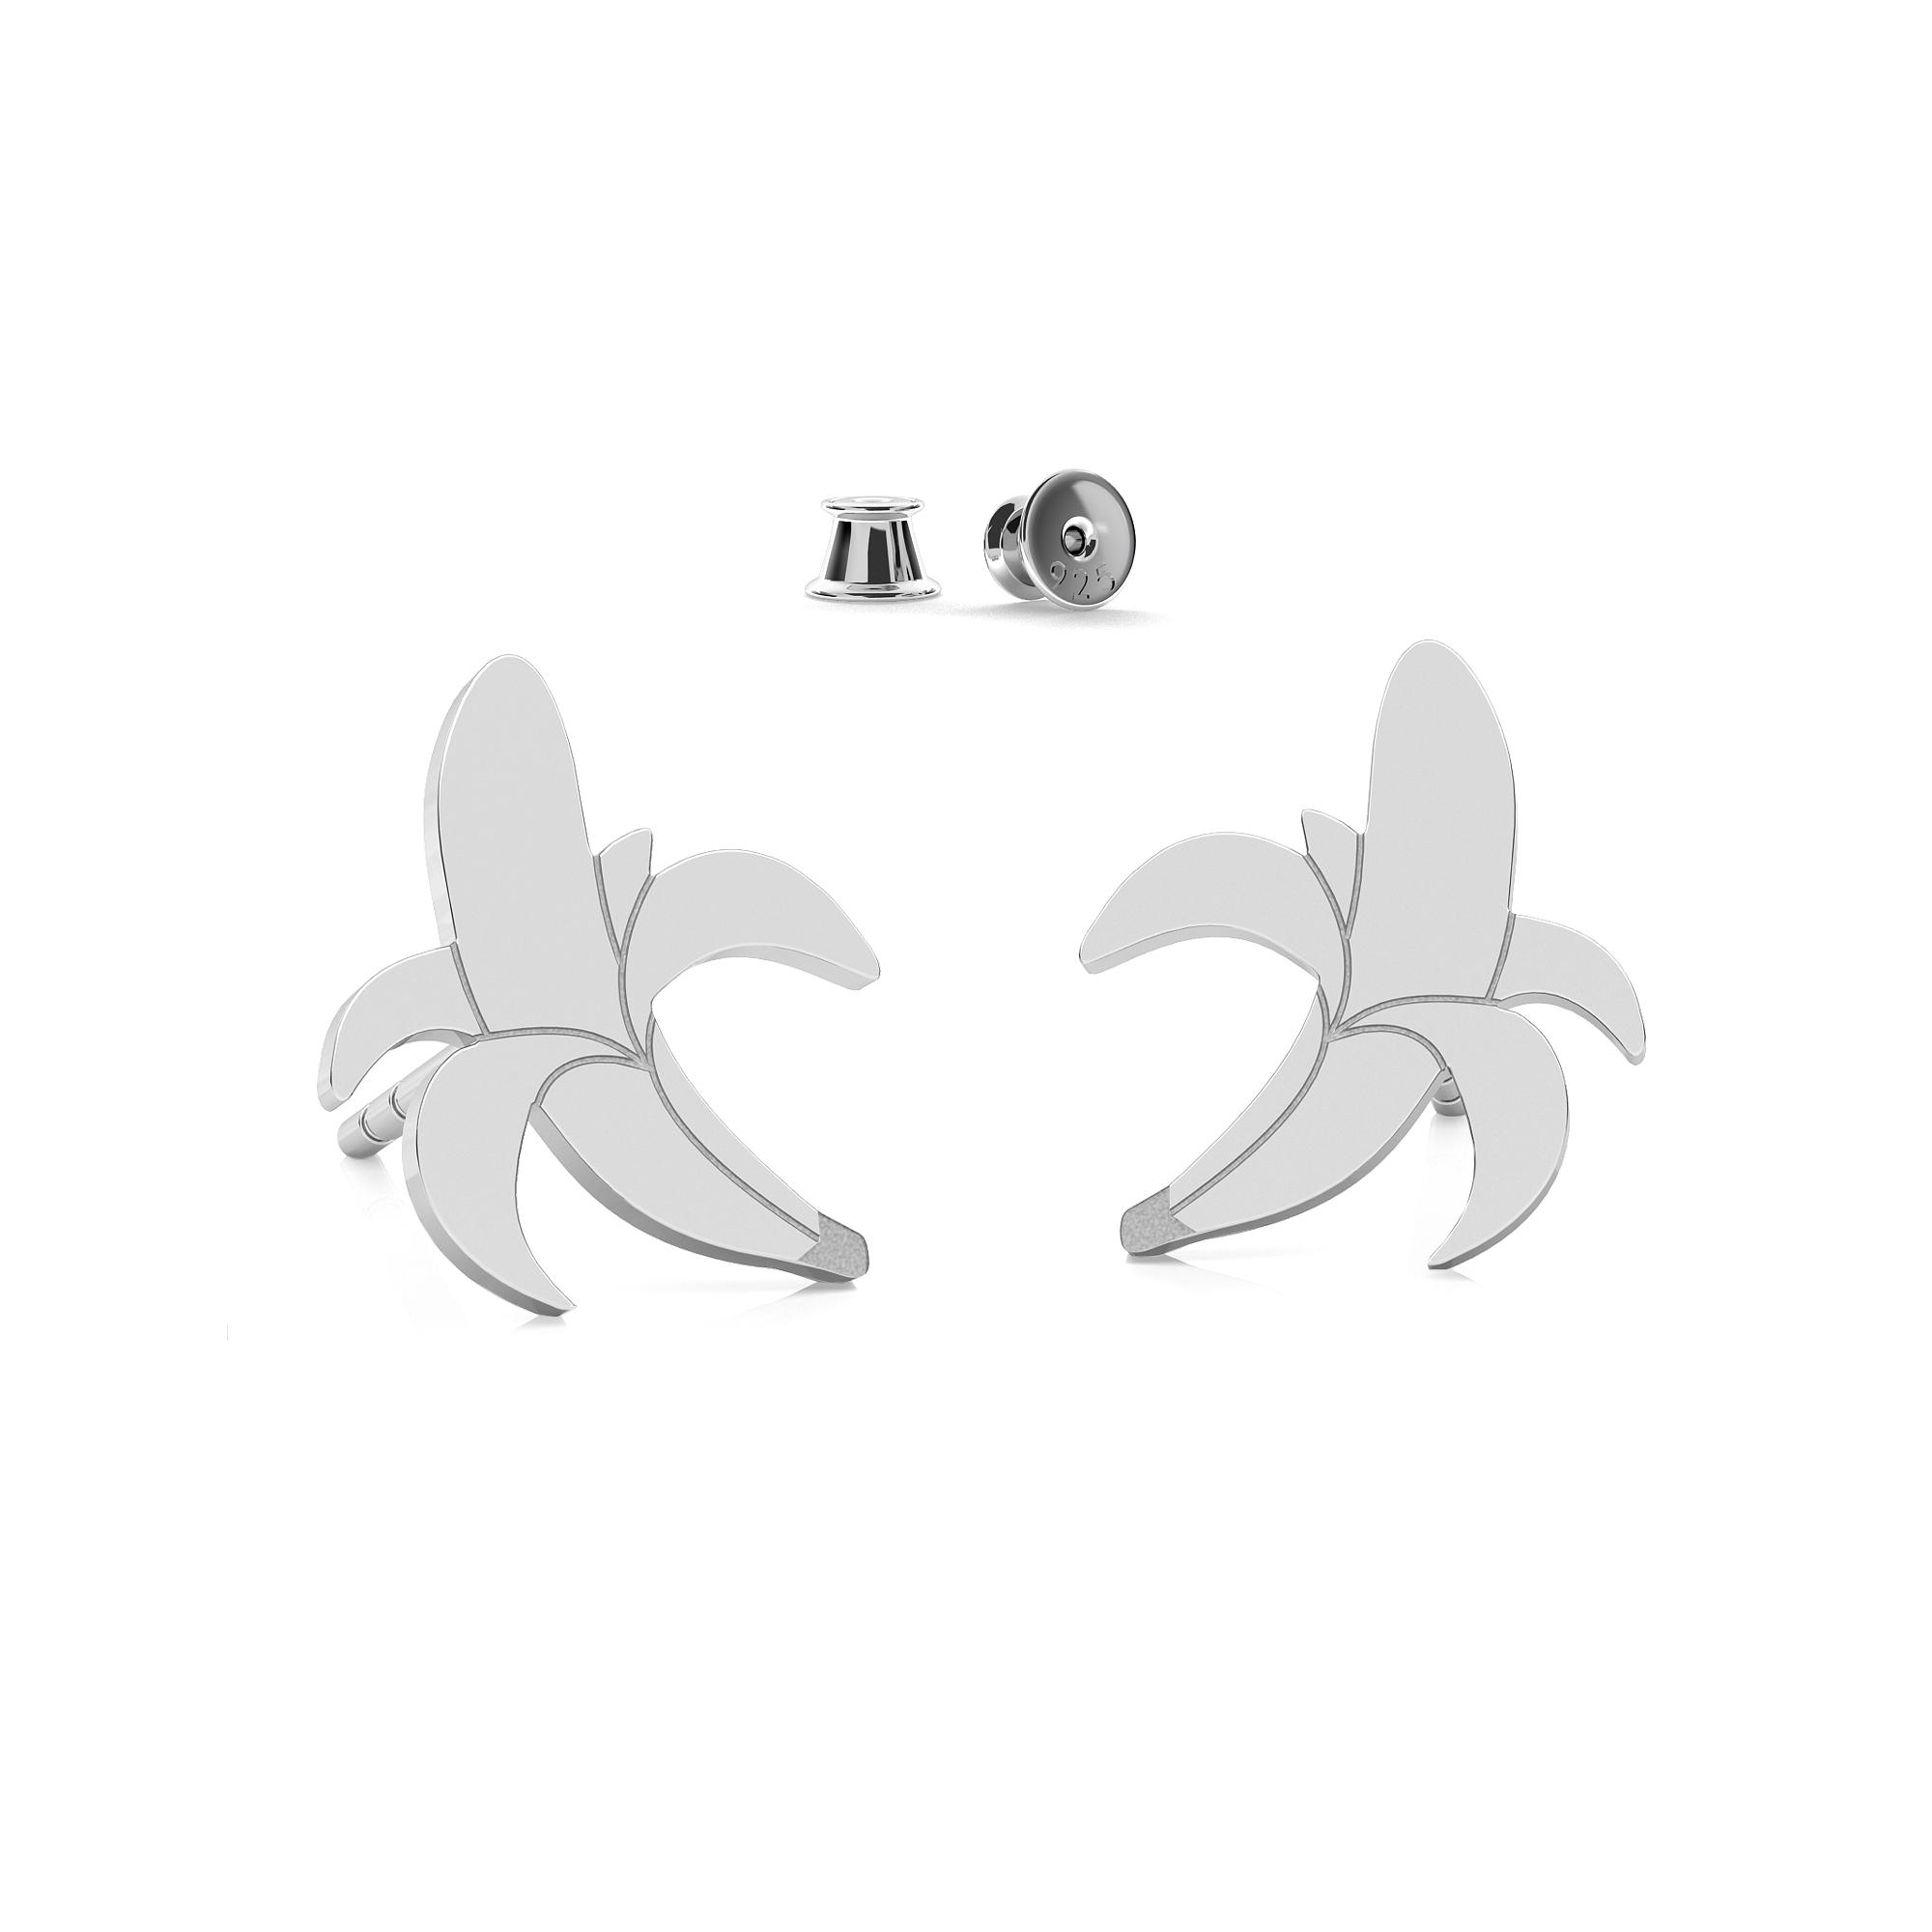 Cupcake earrings sterling silver 925 - ARÔME